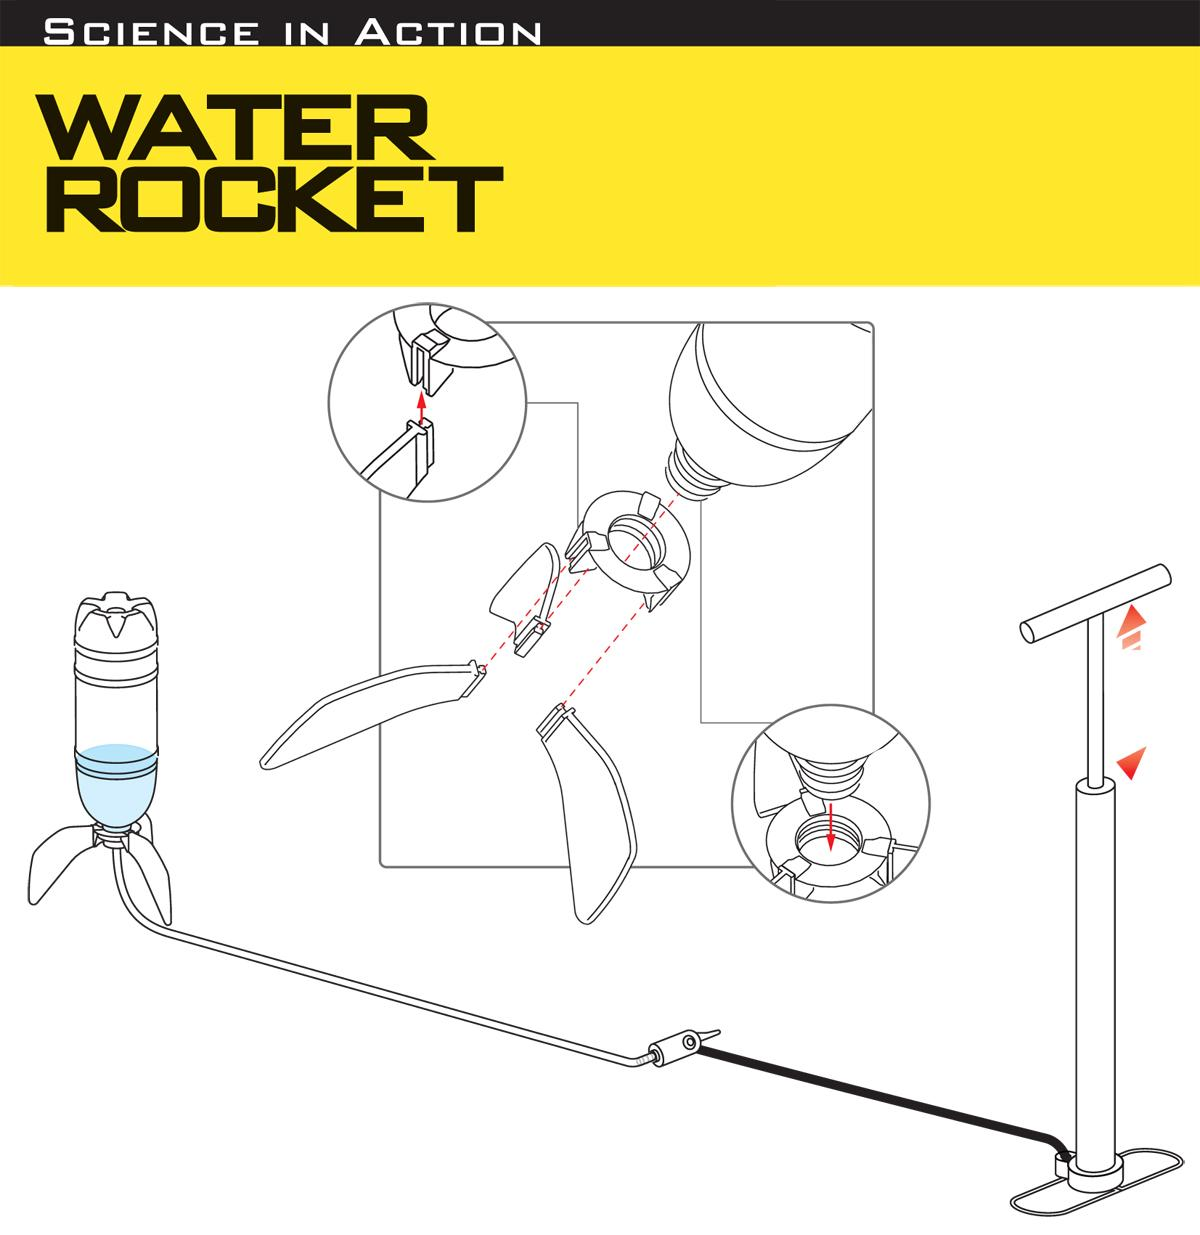 water rocket launcher plans pdf